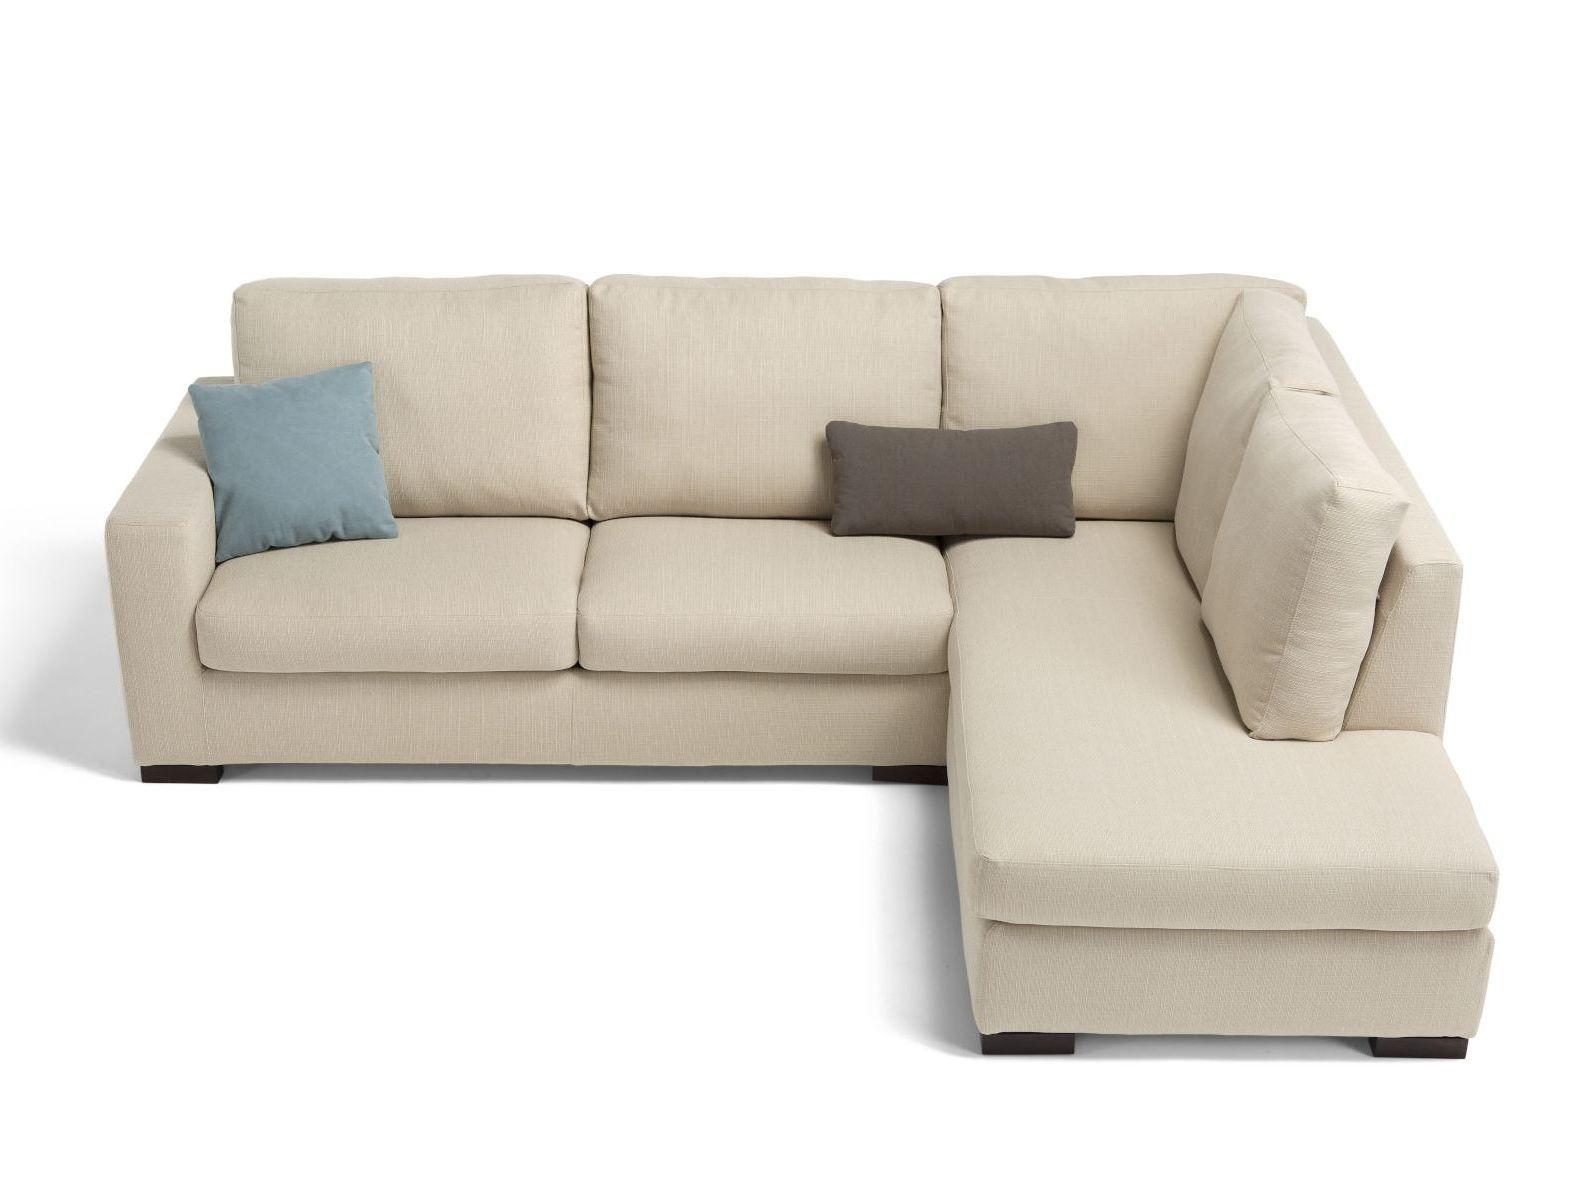 Vienna divano letto con chaise longue collezione 31 forme - Divano letto con chaise longue ...